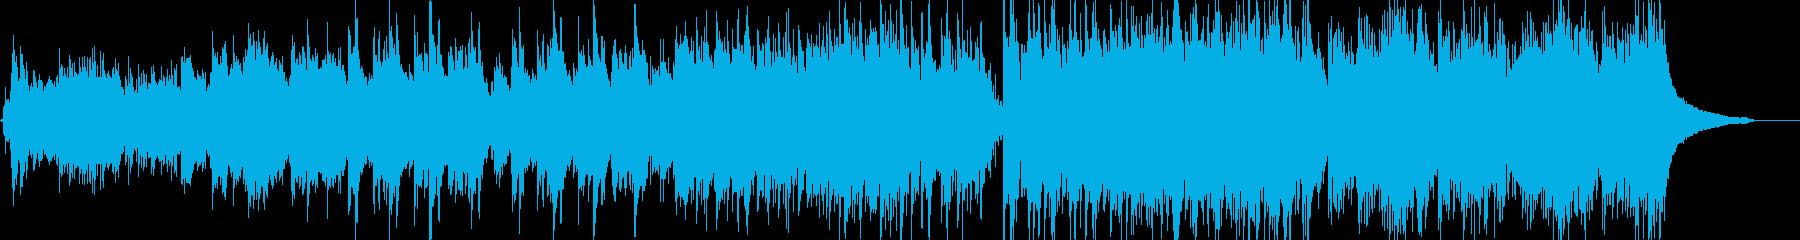 【ドラム無し】アコギとピアノのポップスの再生済みの波形